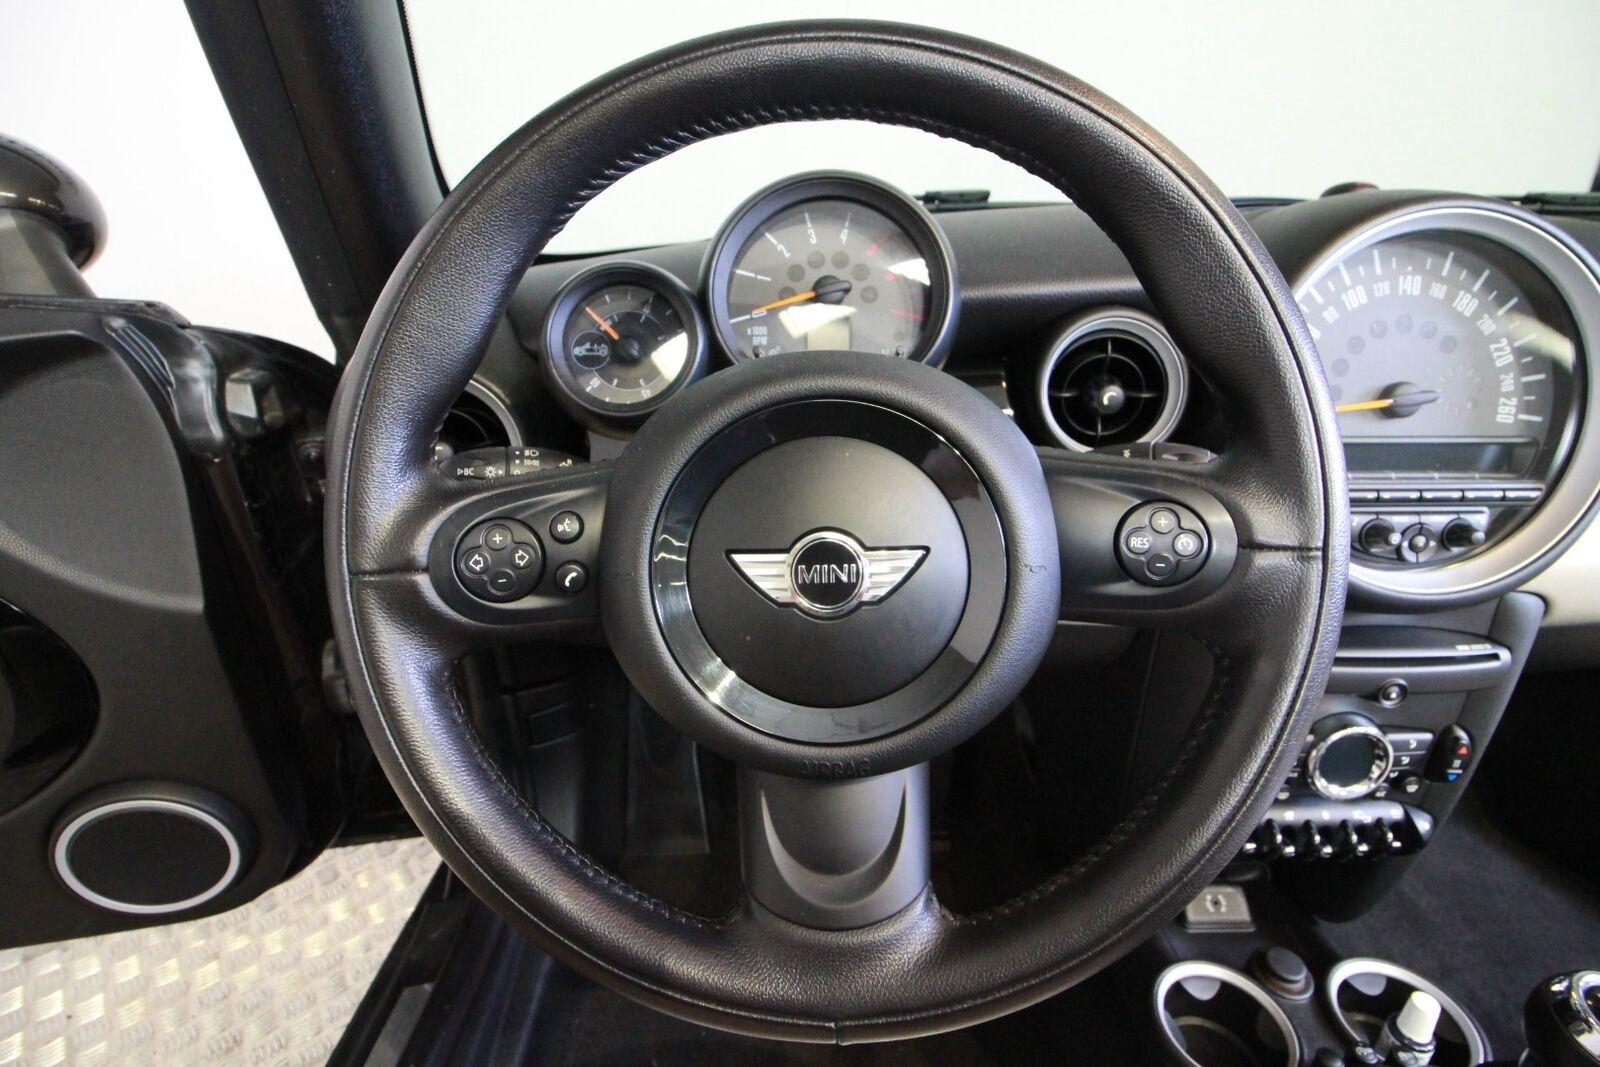 Mini Cooper D 112 Cabriolet